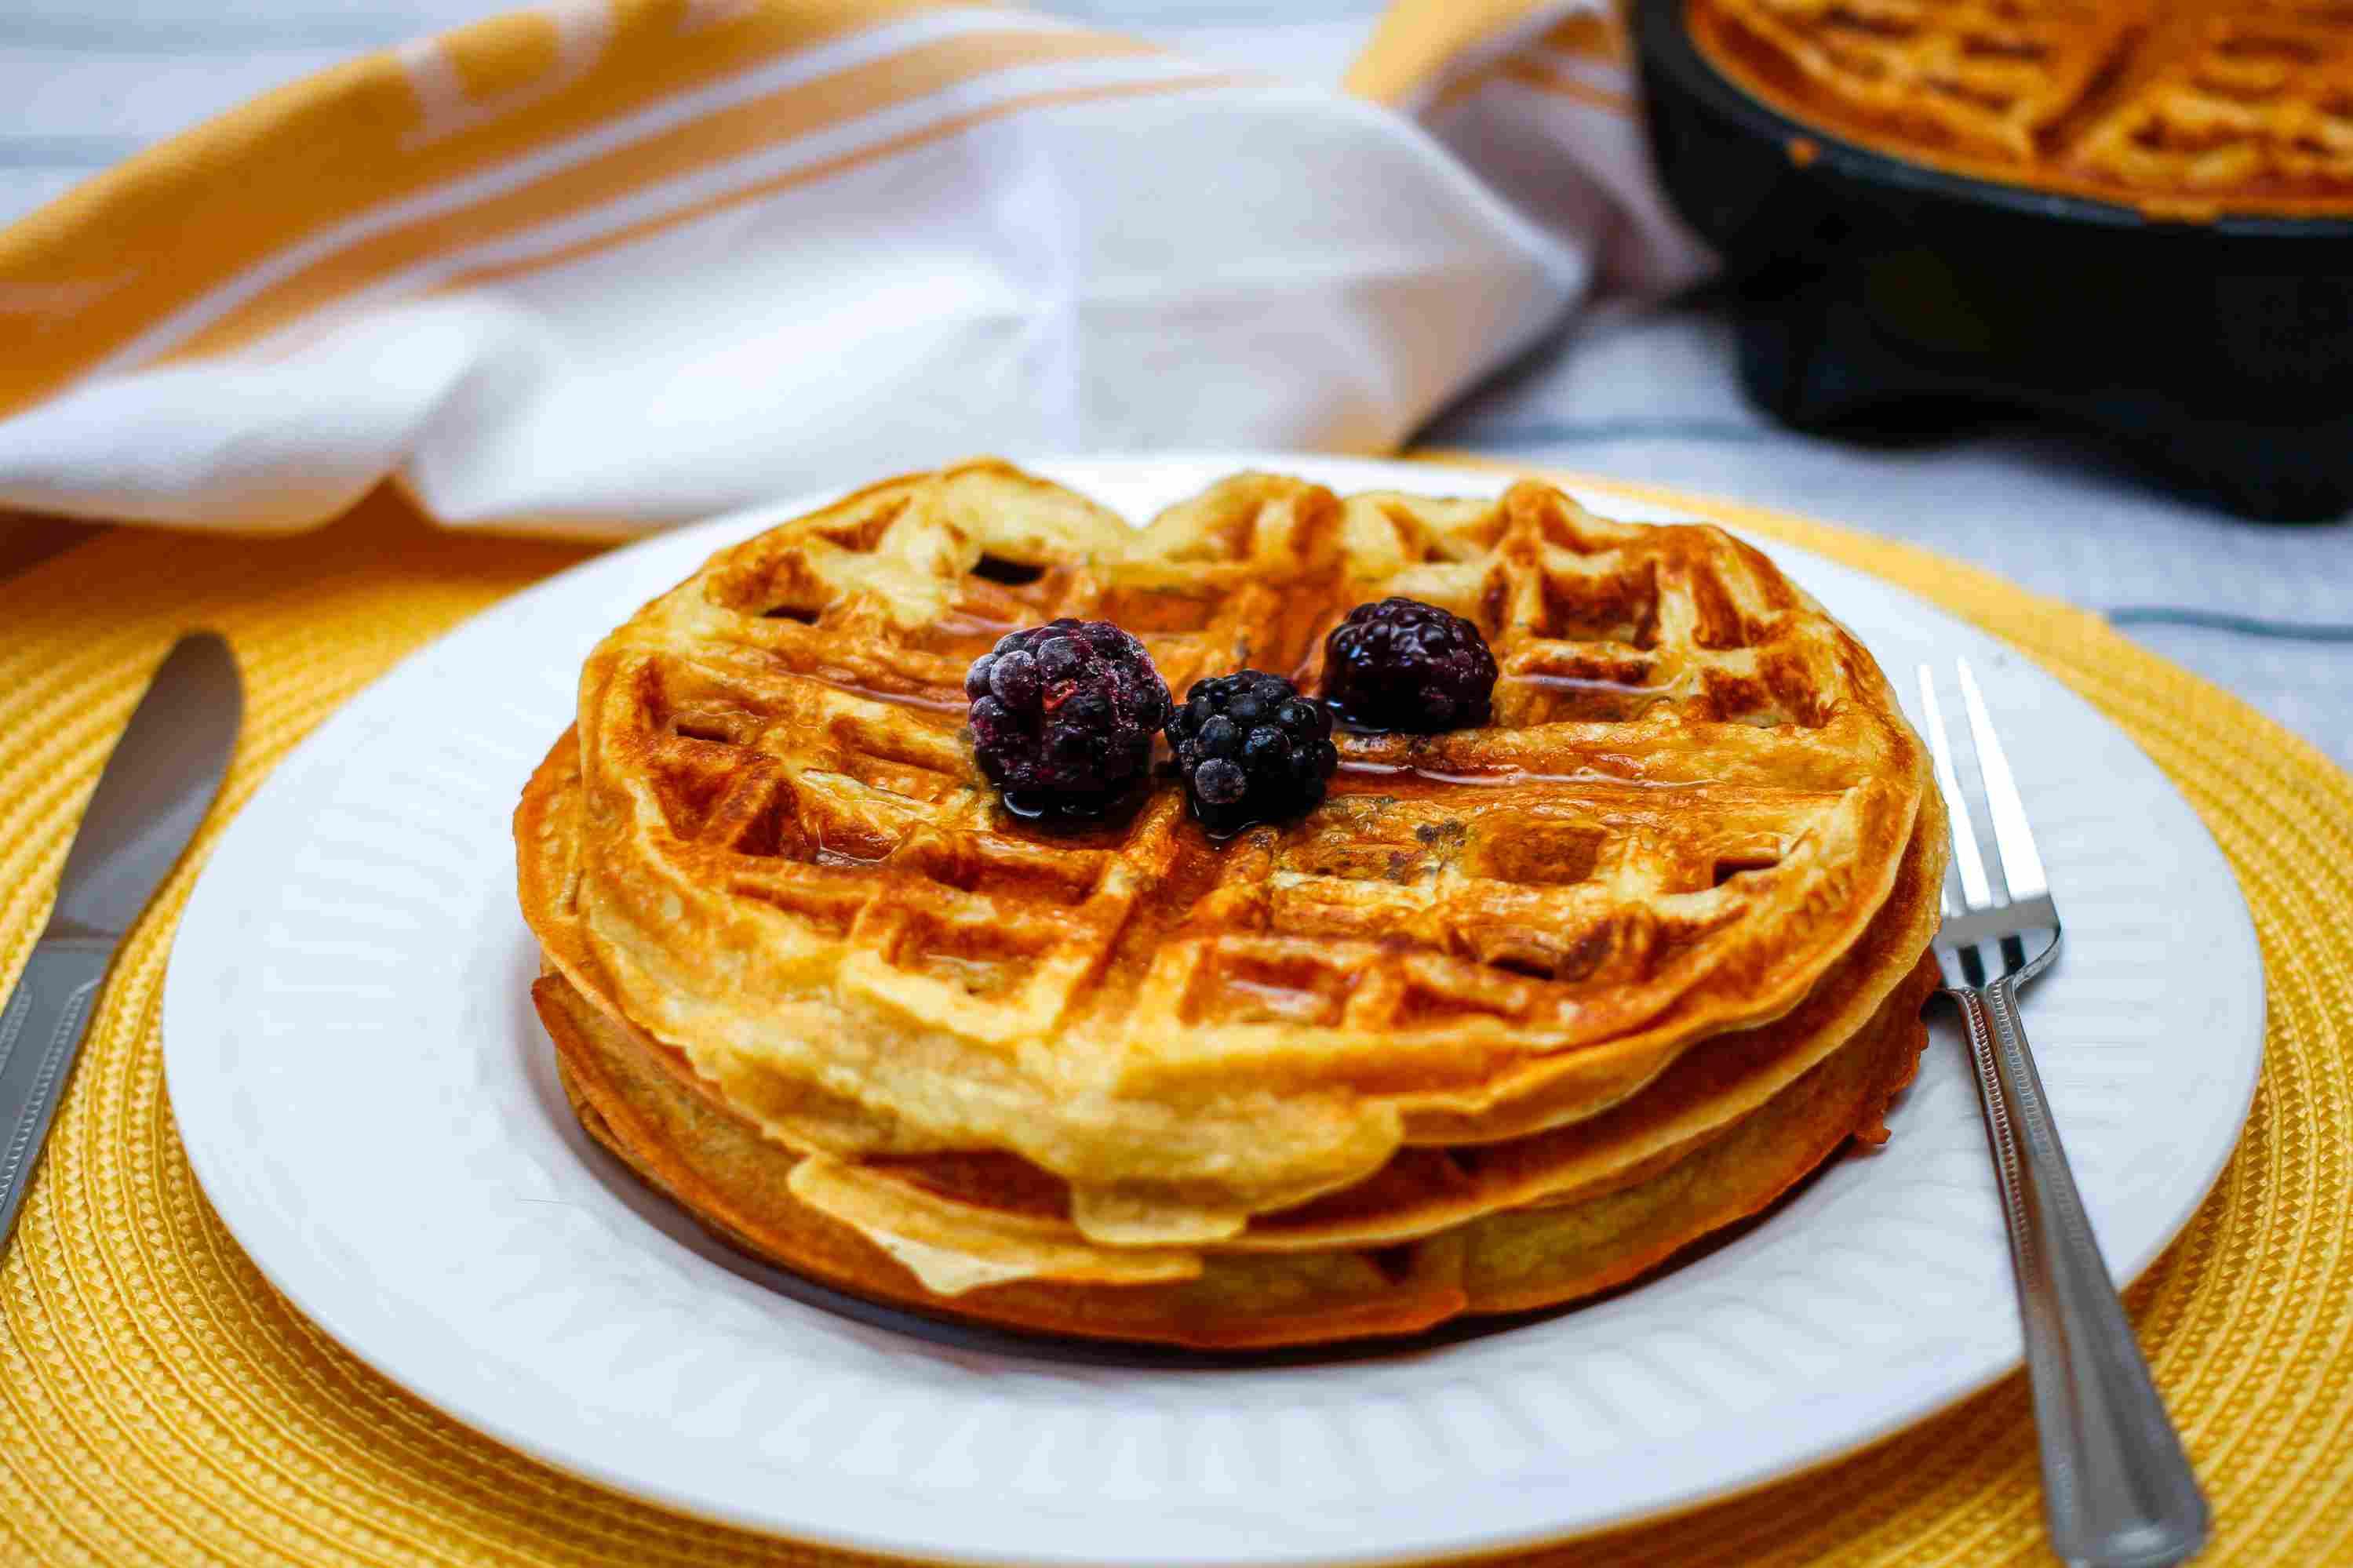 Fluffy waffles